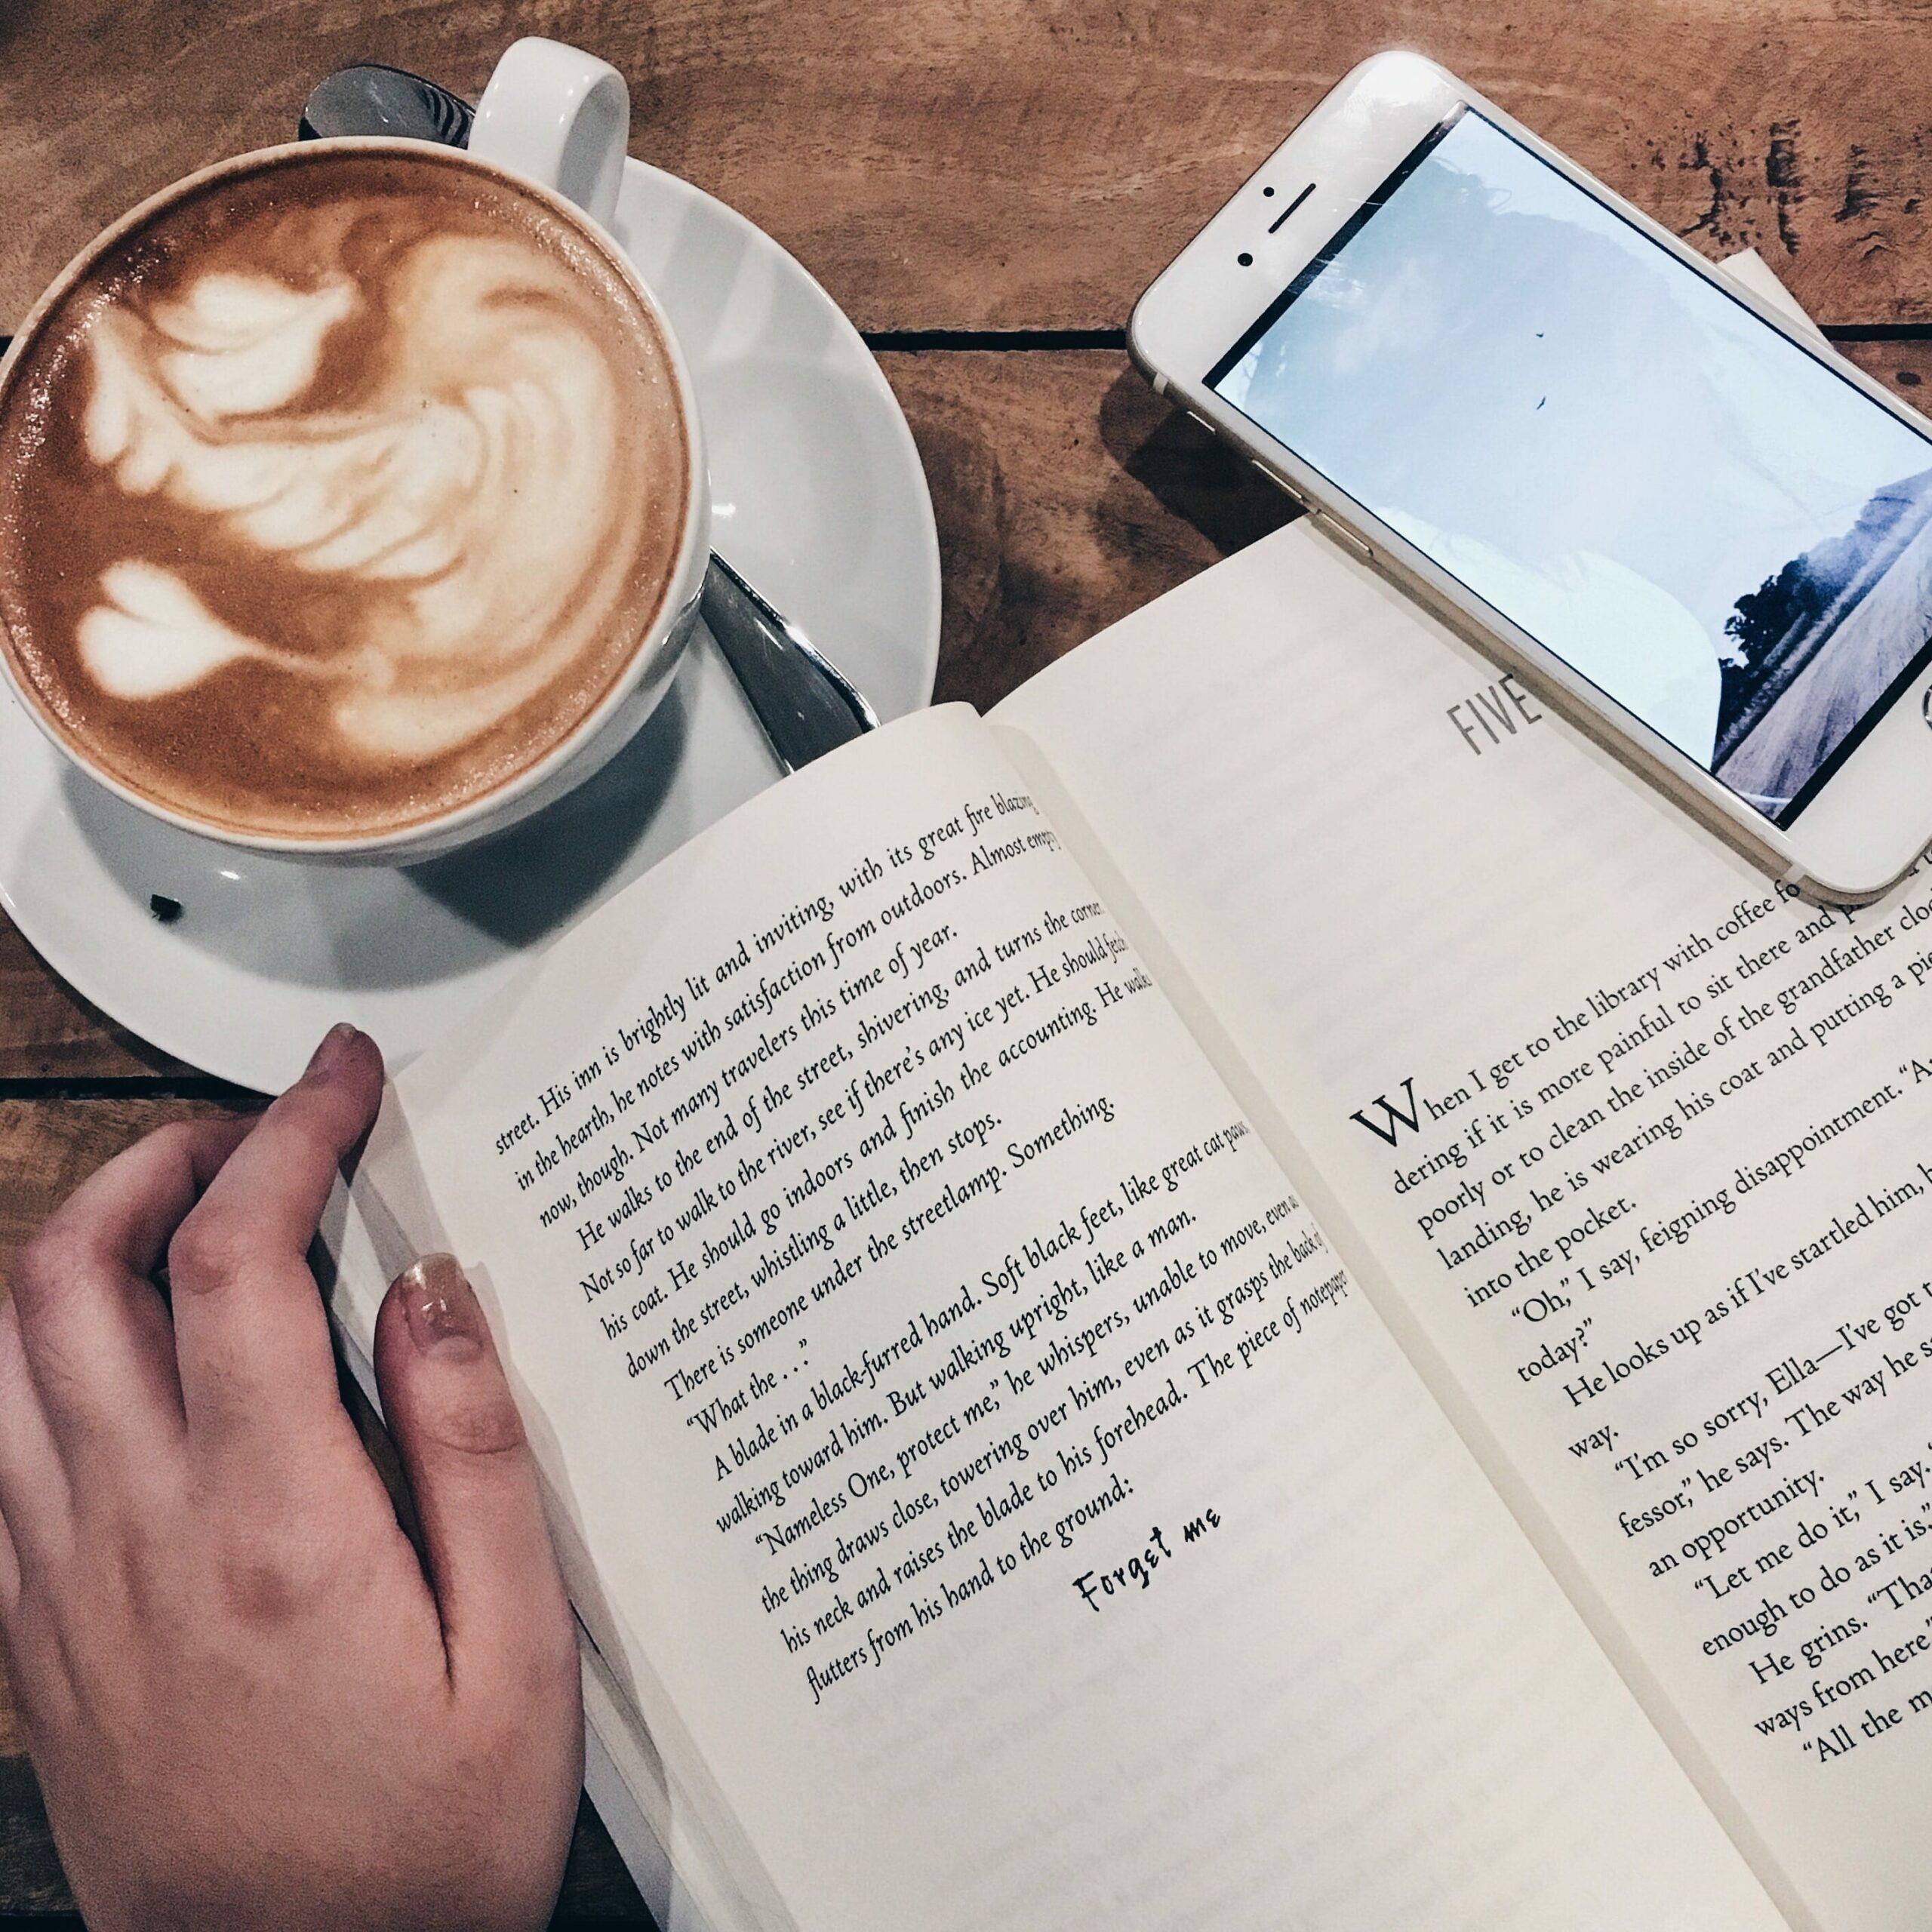 livre de français lu devant un café